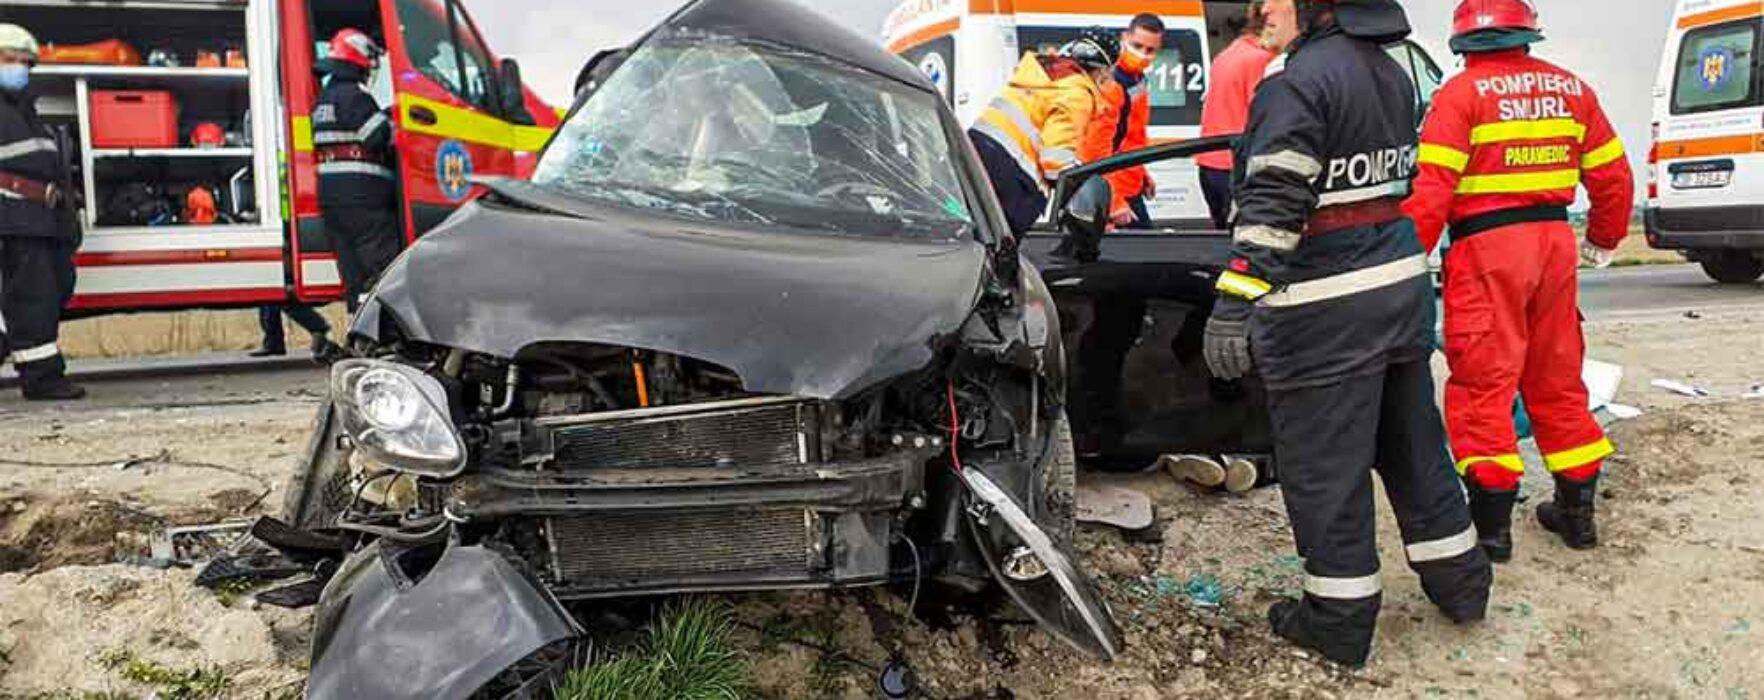 Dâmboviţa: Accident pe DN 7 Bucureşti-Găeşti, două persoane au murit